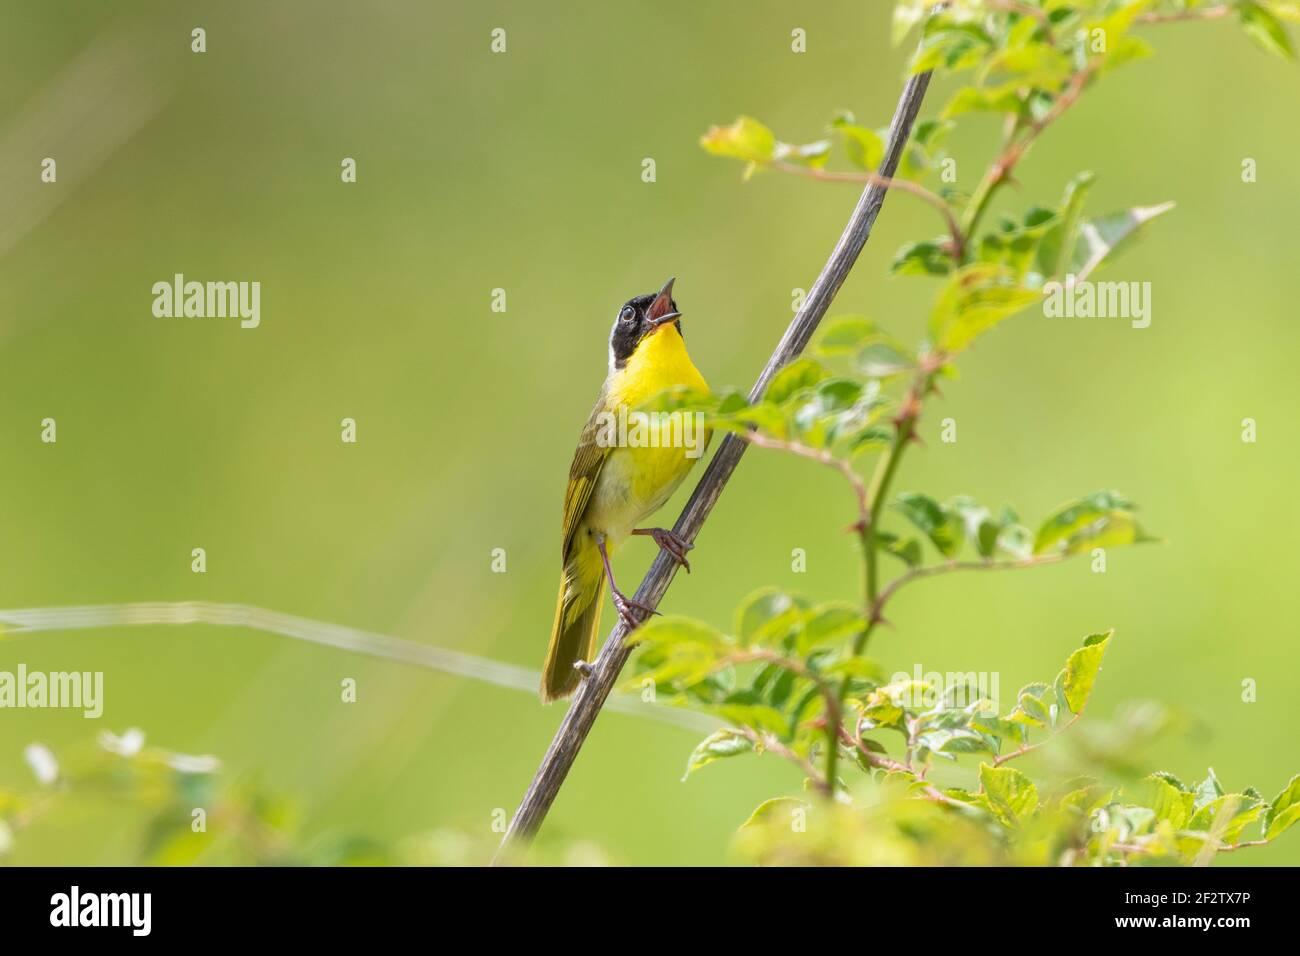 01490-00414 común Yellowthroat (Geothlypis trichas) macho cantando en la pradera Marion Co. IL Foto de stock